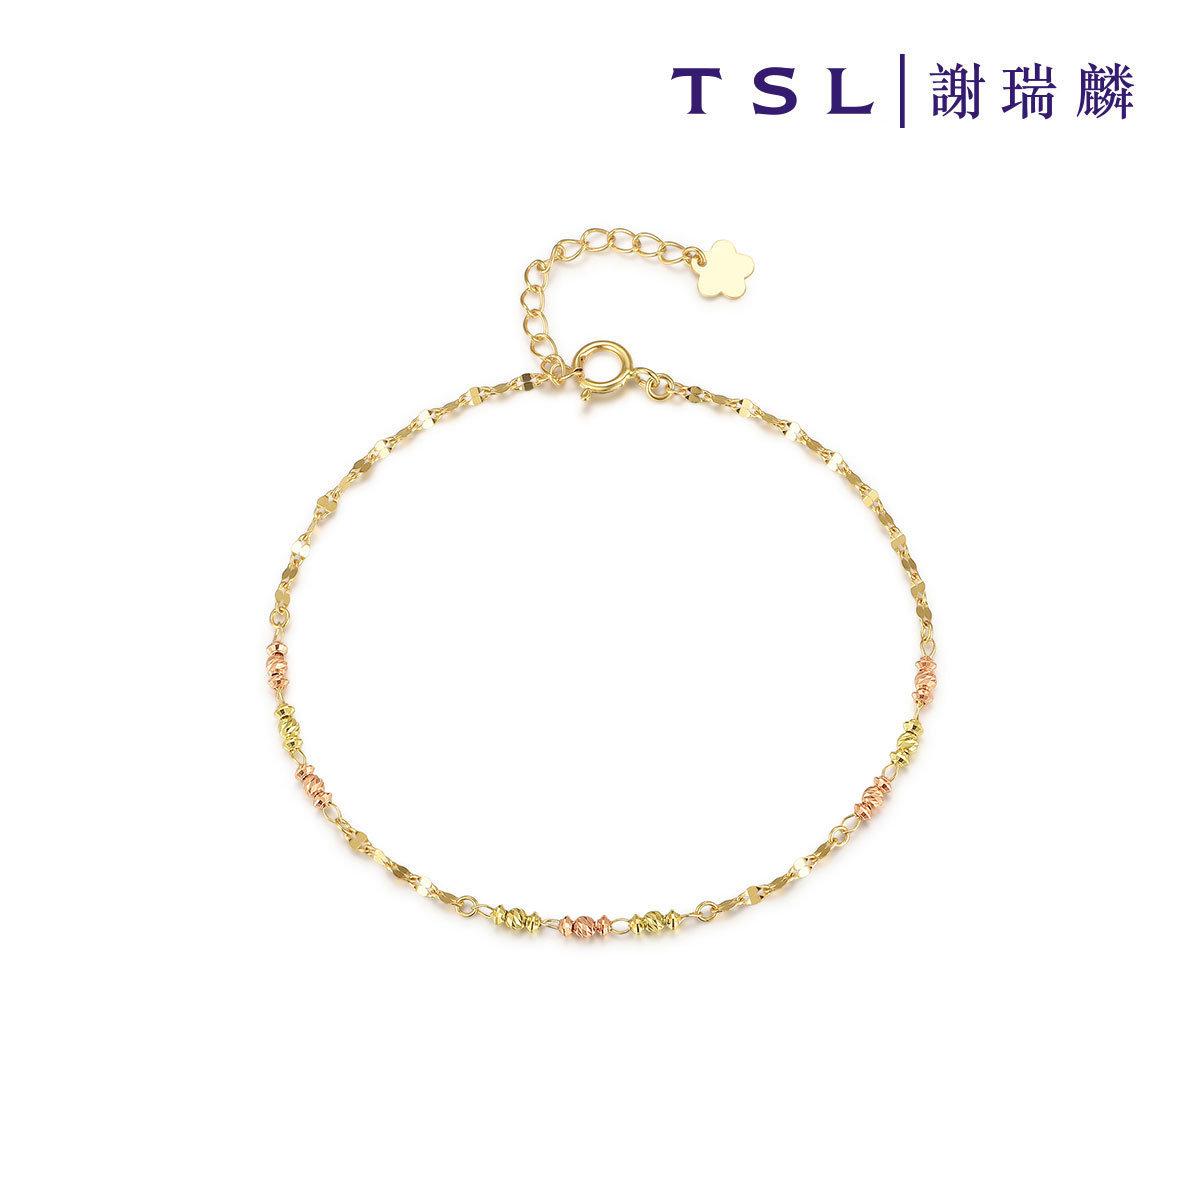 KUHASHI 18K Yellow and Rose Gold Bracelet